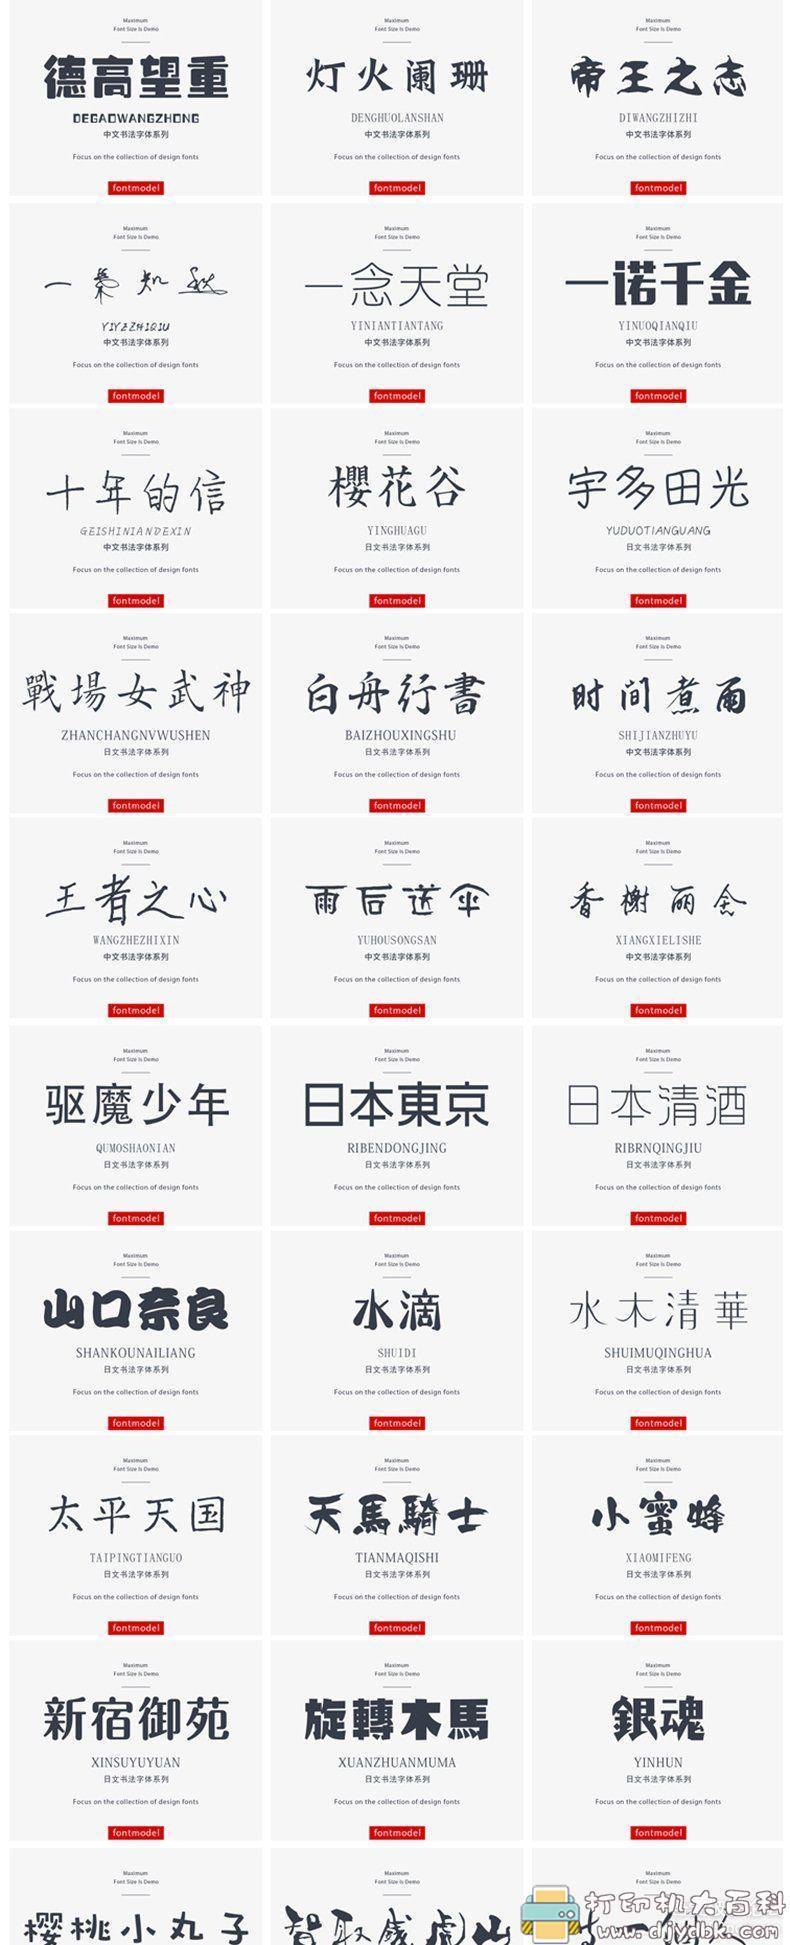 [Windows]ps cdr ai ppt中文字体包库毛笔书法艺术英文字体下载设计素材图片 No.2